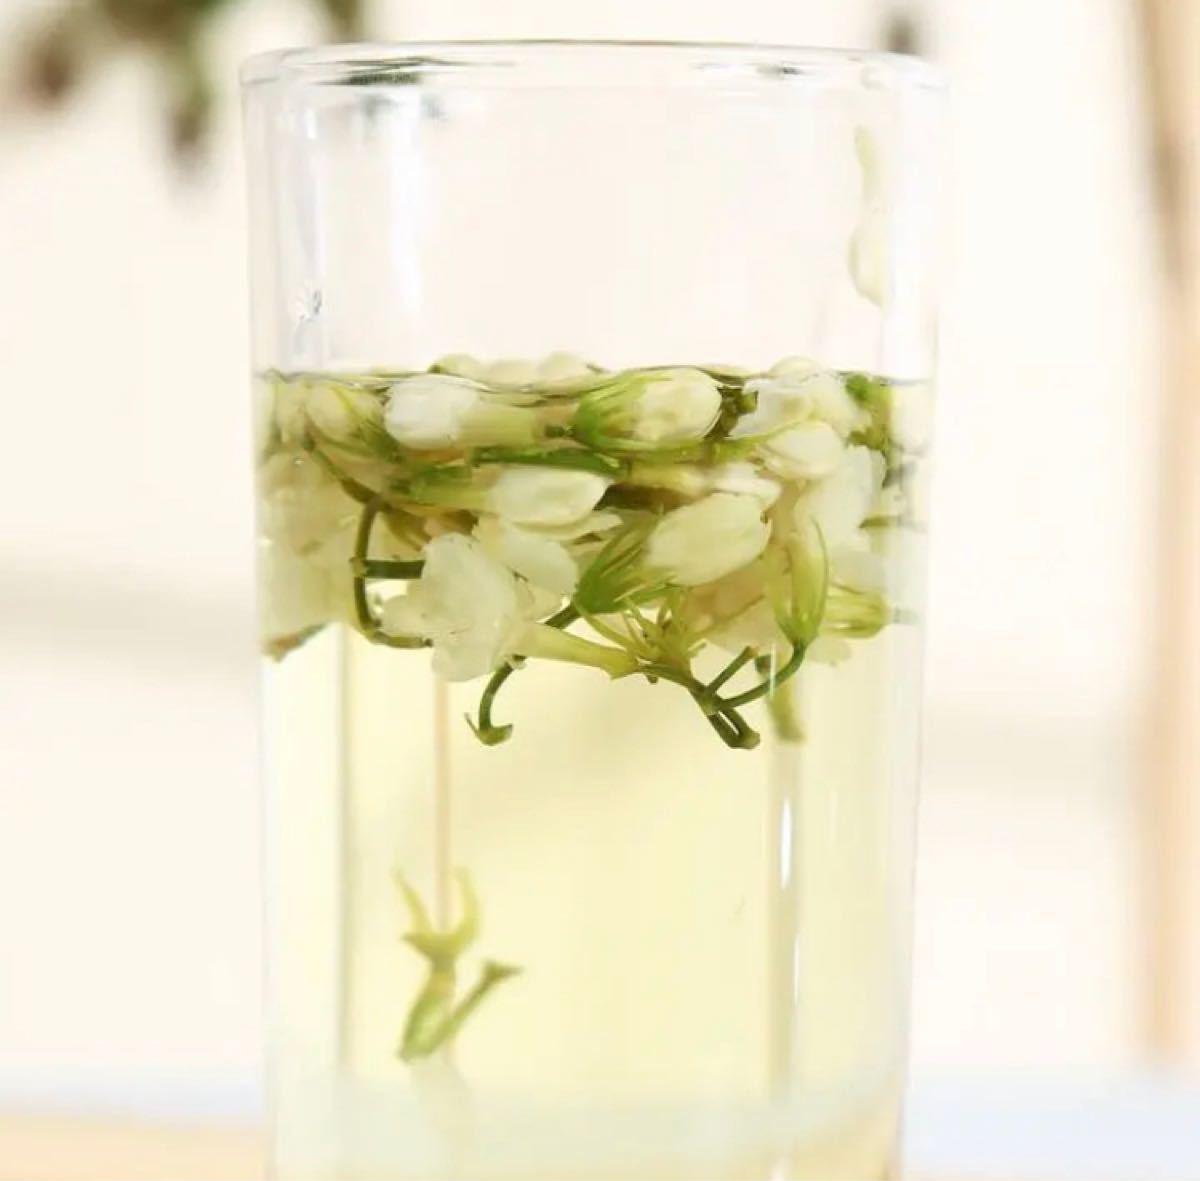 ジャスミンティー60g 花茶 ハーブティー 中国茶 美容茶 健康茶